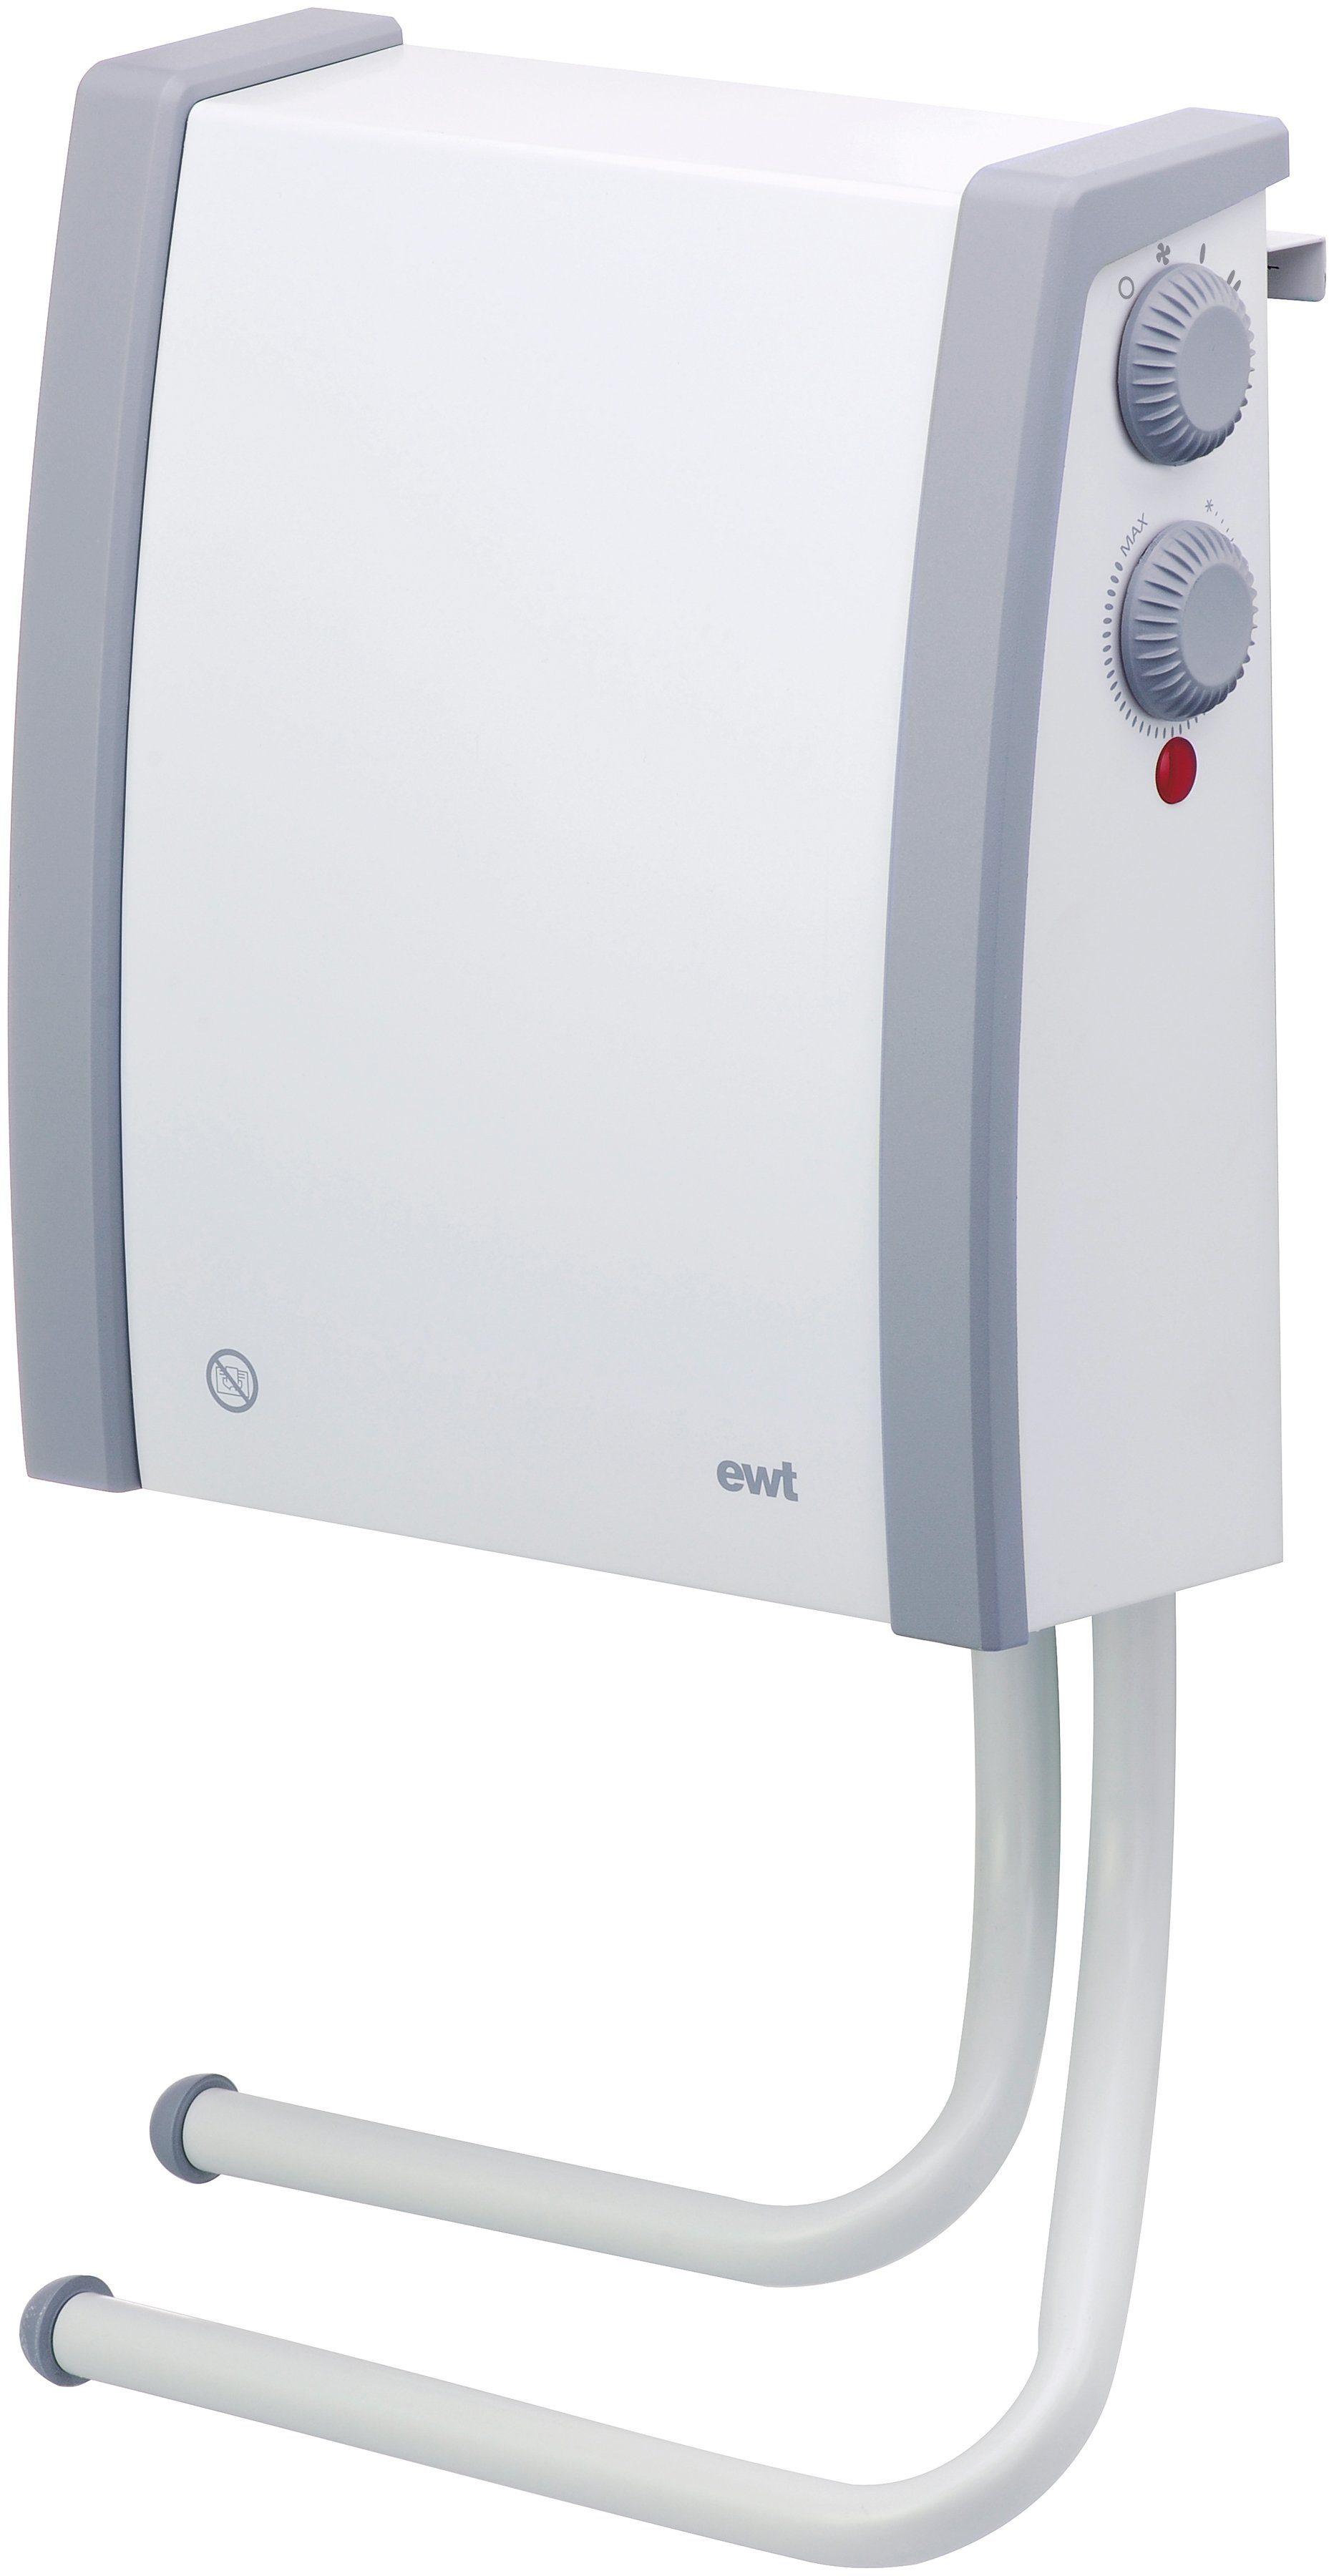 Badschnellheizer »Clima Futur 201 TLS«, 2.200 Watt